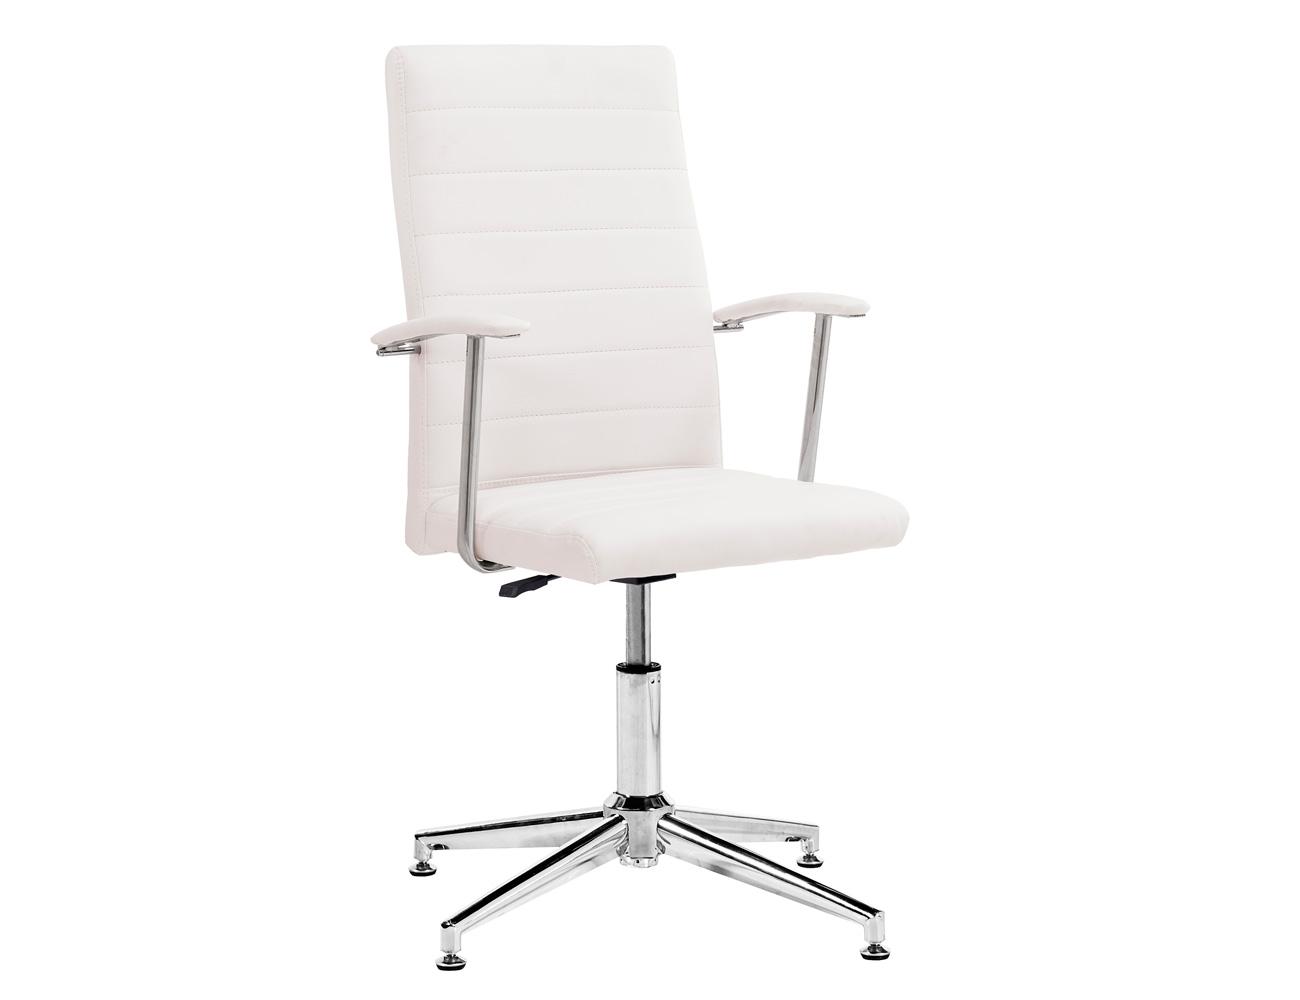 Silla oficina despecho elevable altura apoya brazos polipiel blanco